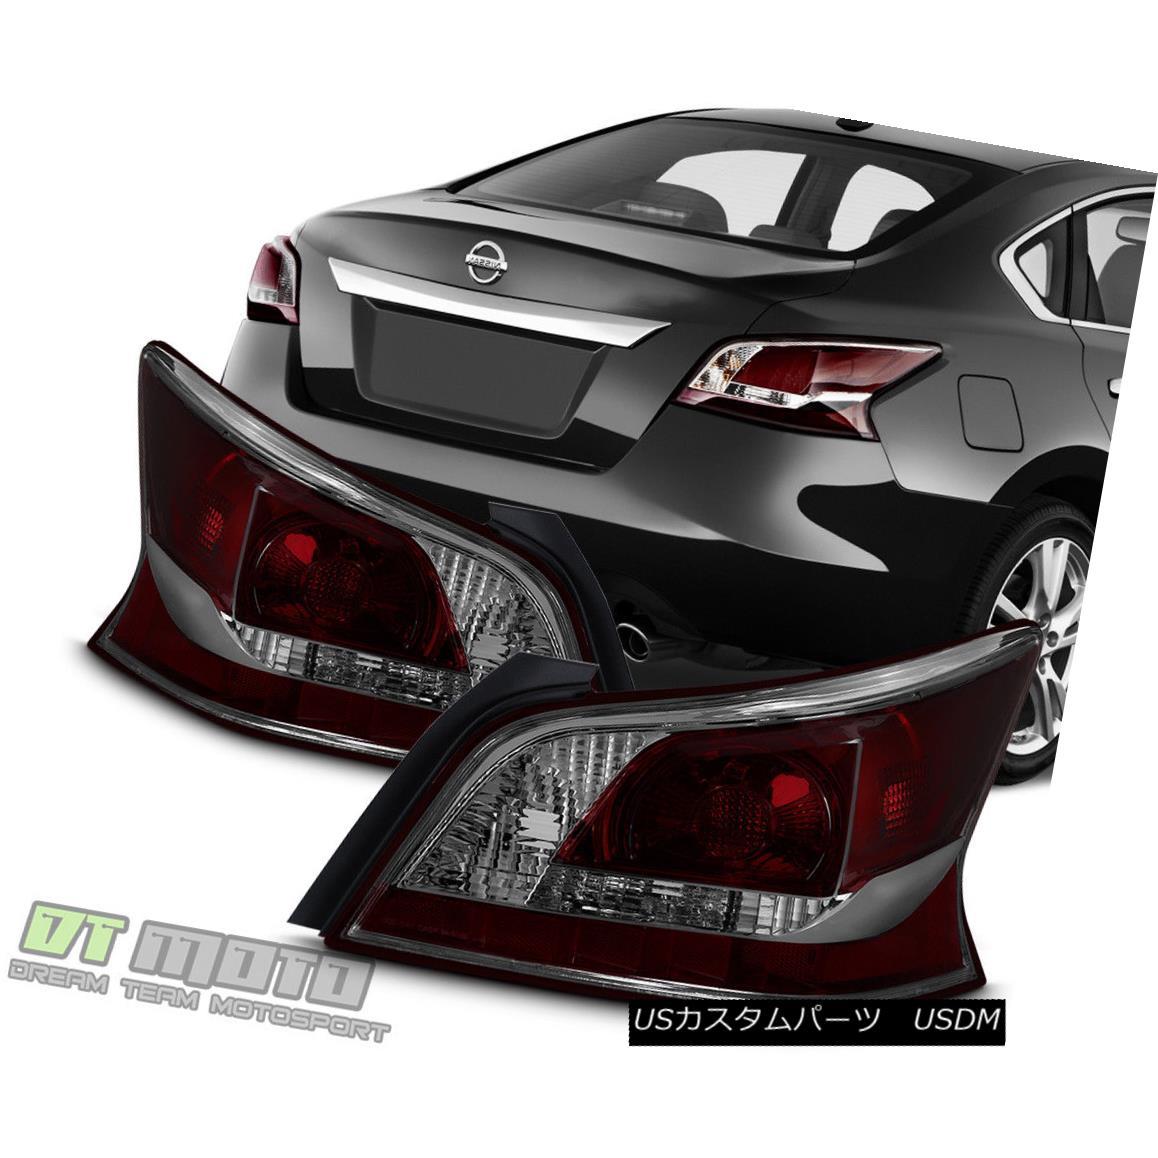 テールライト NEW Smoke Lens Tail Lights Brake Lamps For 2013-2015 Altima 4Dr Sedan Left+Right NEWスモークレンズテールライトブレーキランプ(2013-2015年)Altima 4Drセダン左+右